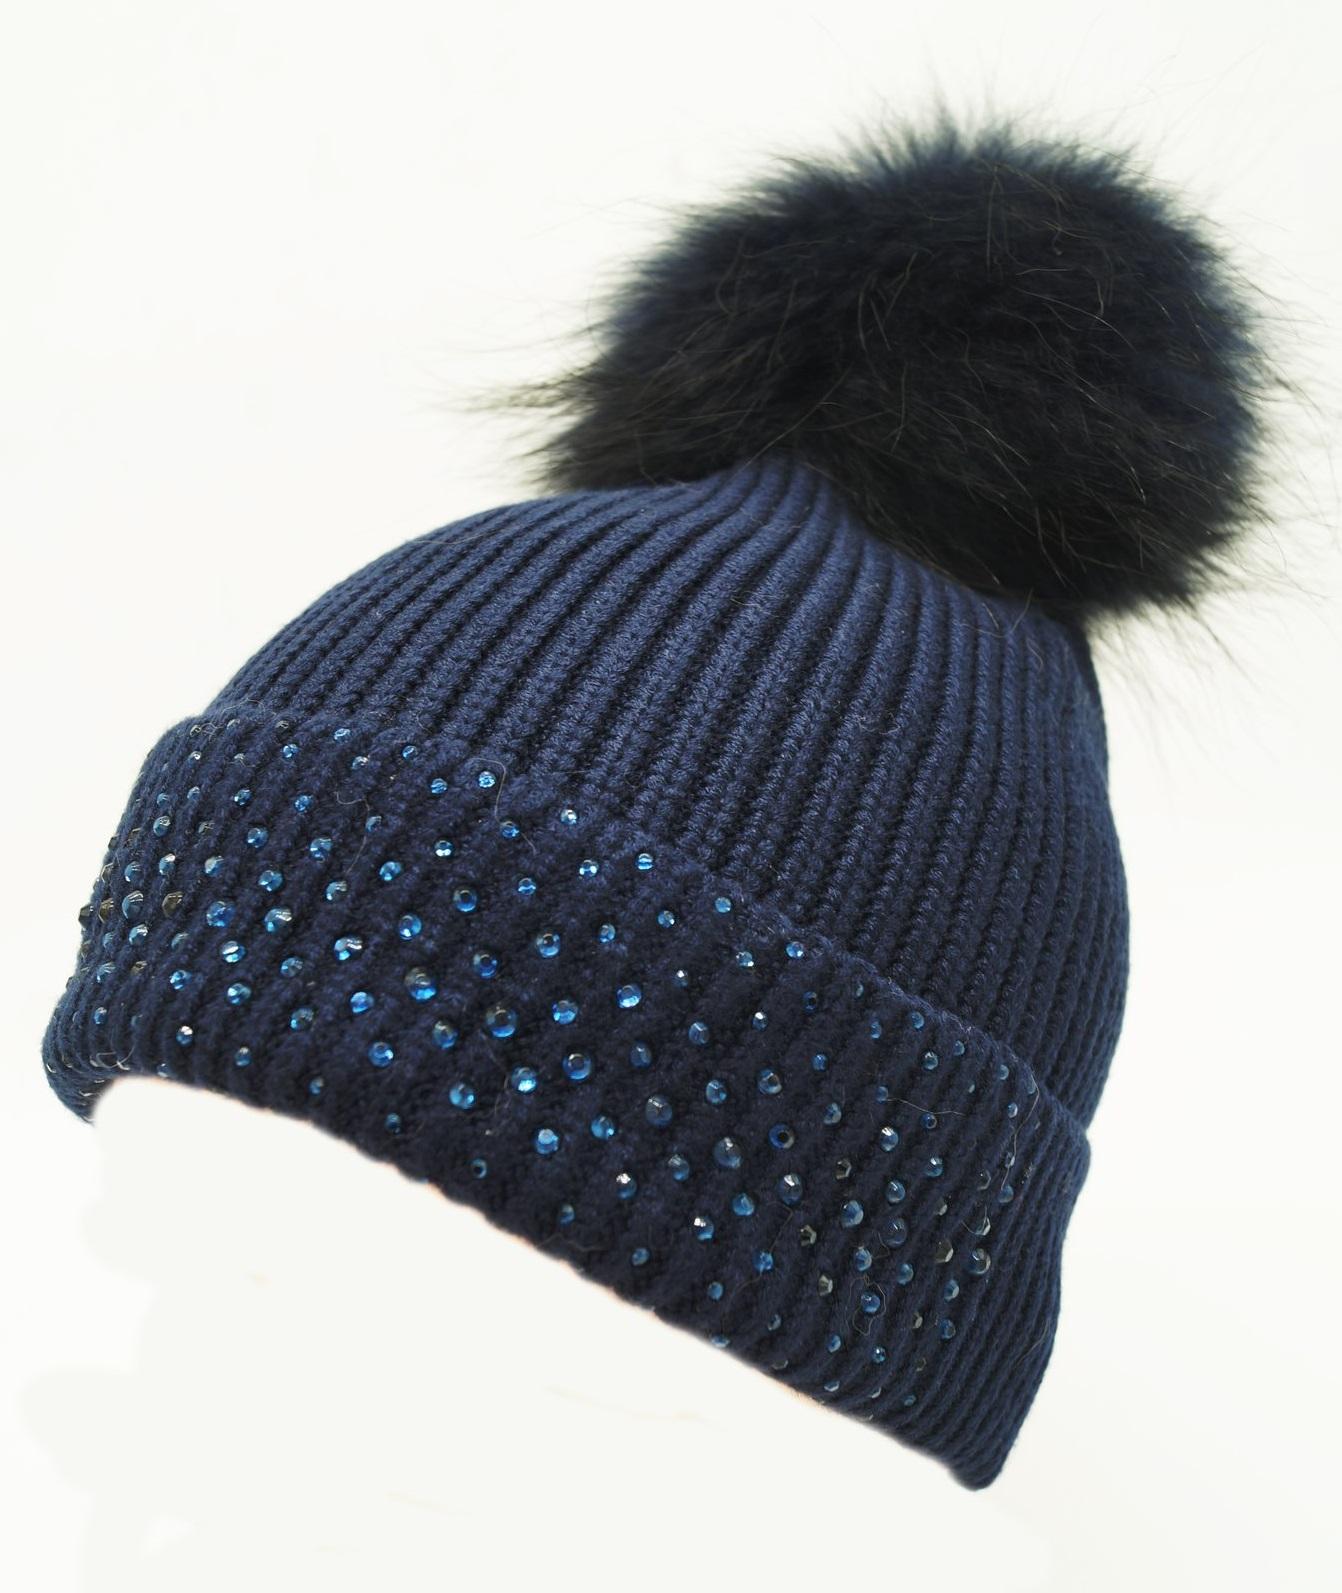 c55e6f59e8d2d Womens Wool Ribbed Hat Diamante Winter Detachable Pom Pom Caps ...